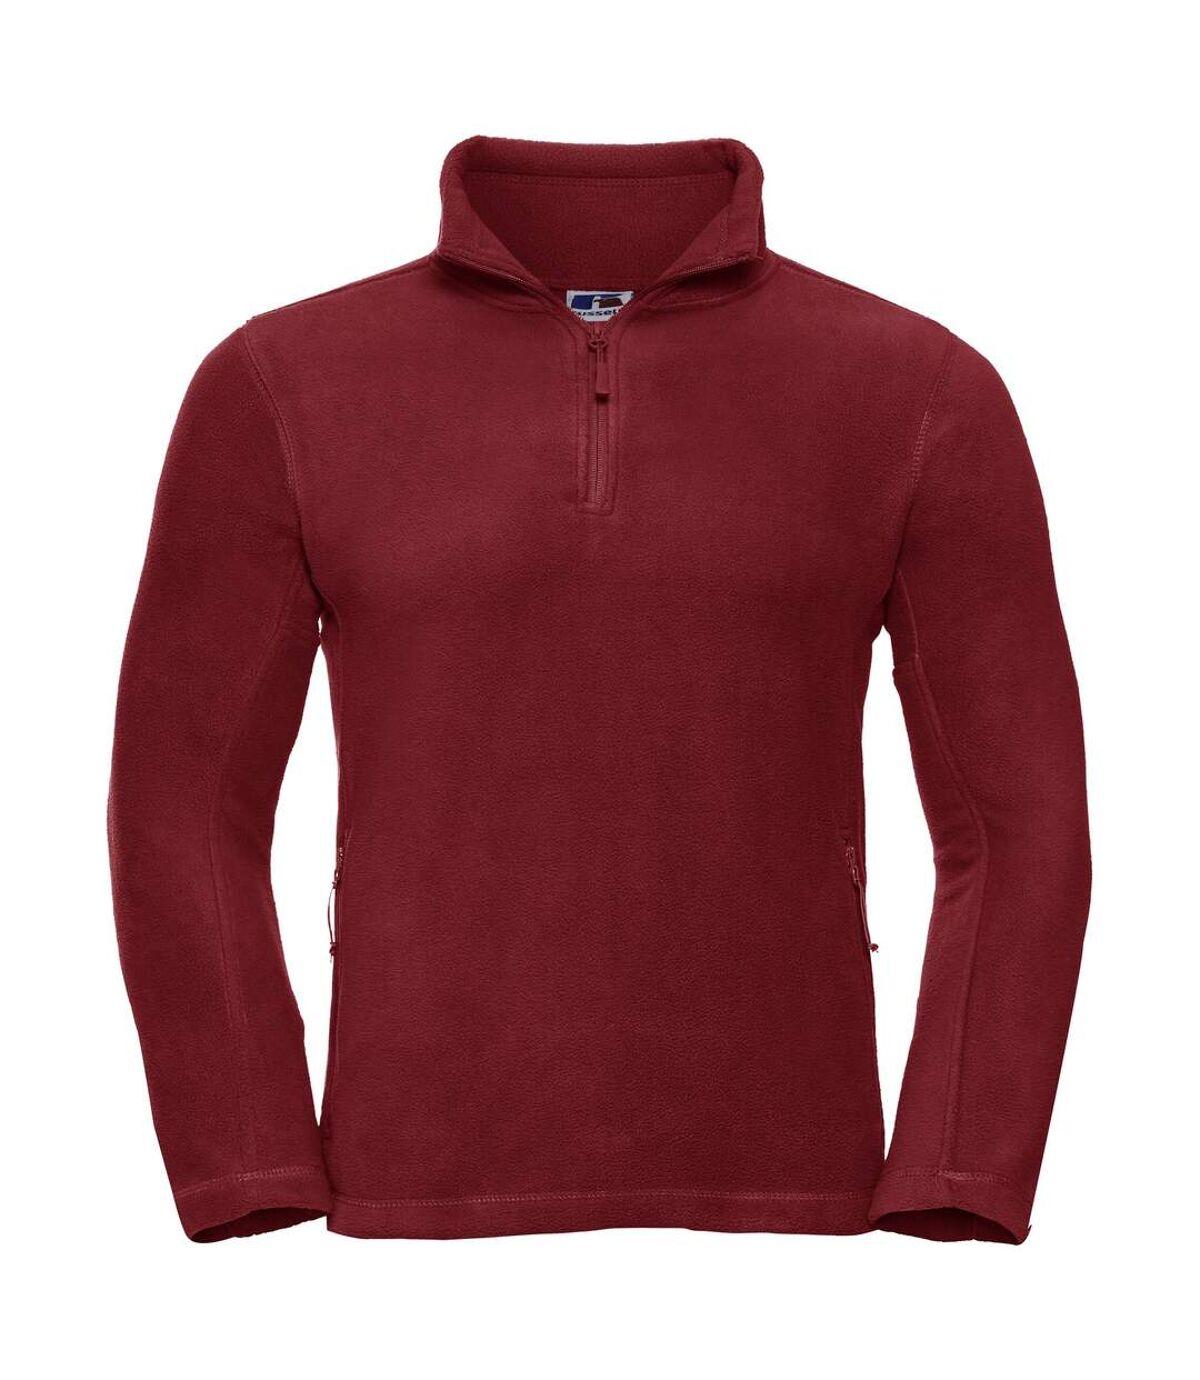 Russell - Polaire à fermeture zippée - Homme (Rouge) - UTBC1438